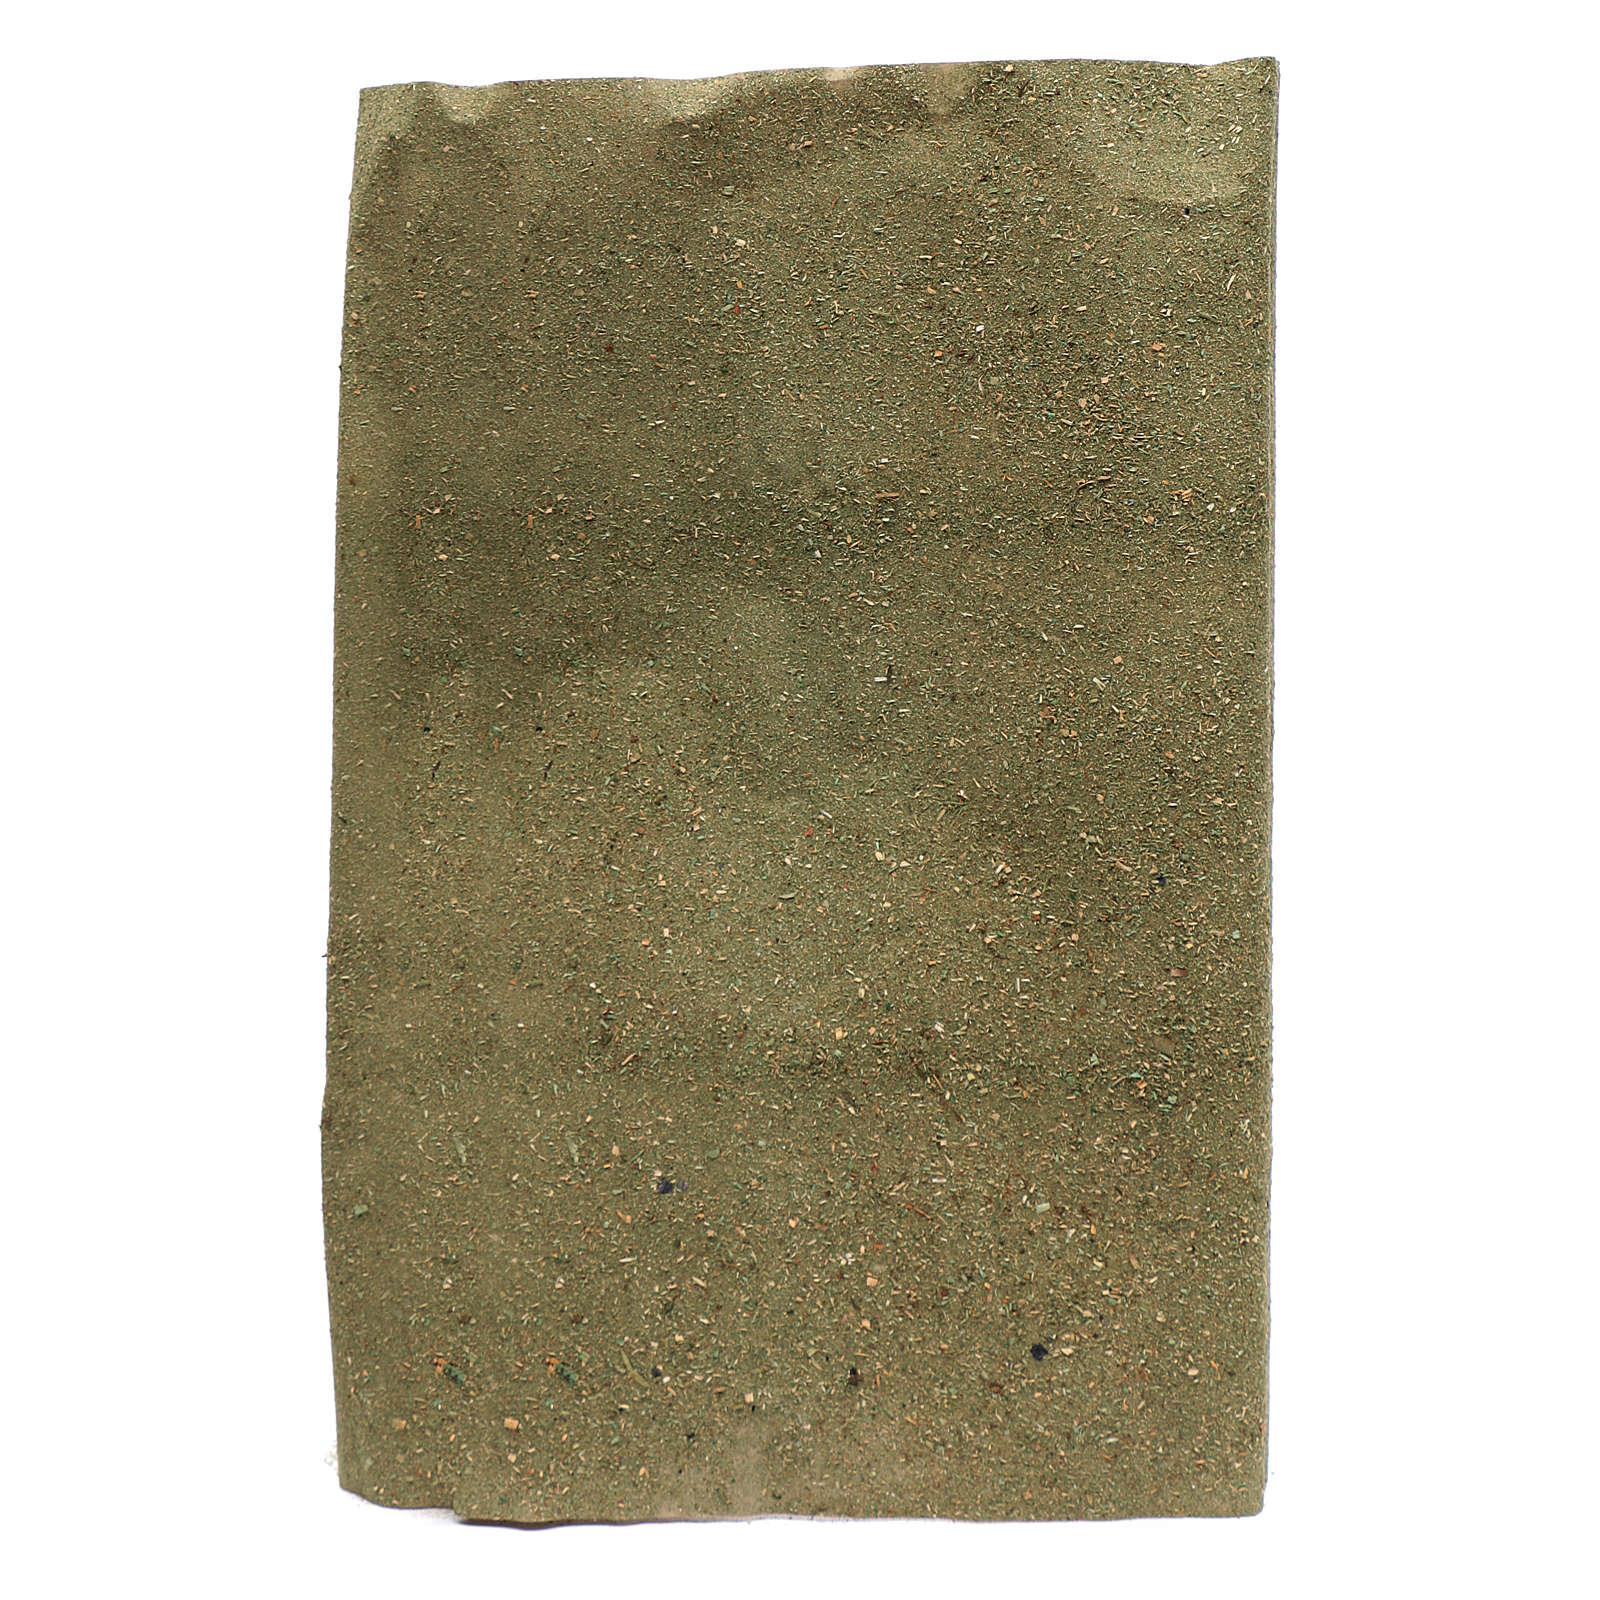 Rolka papieru łąka do szopki zrób to sam 50x70 cm 4